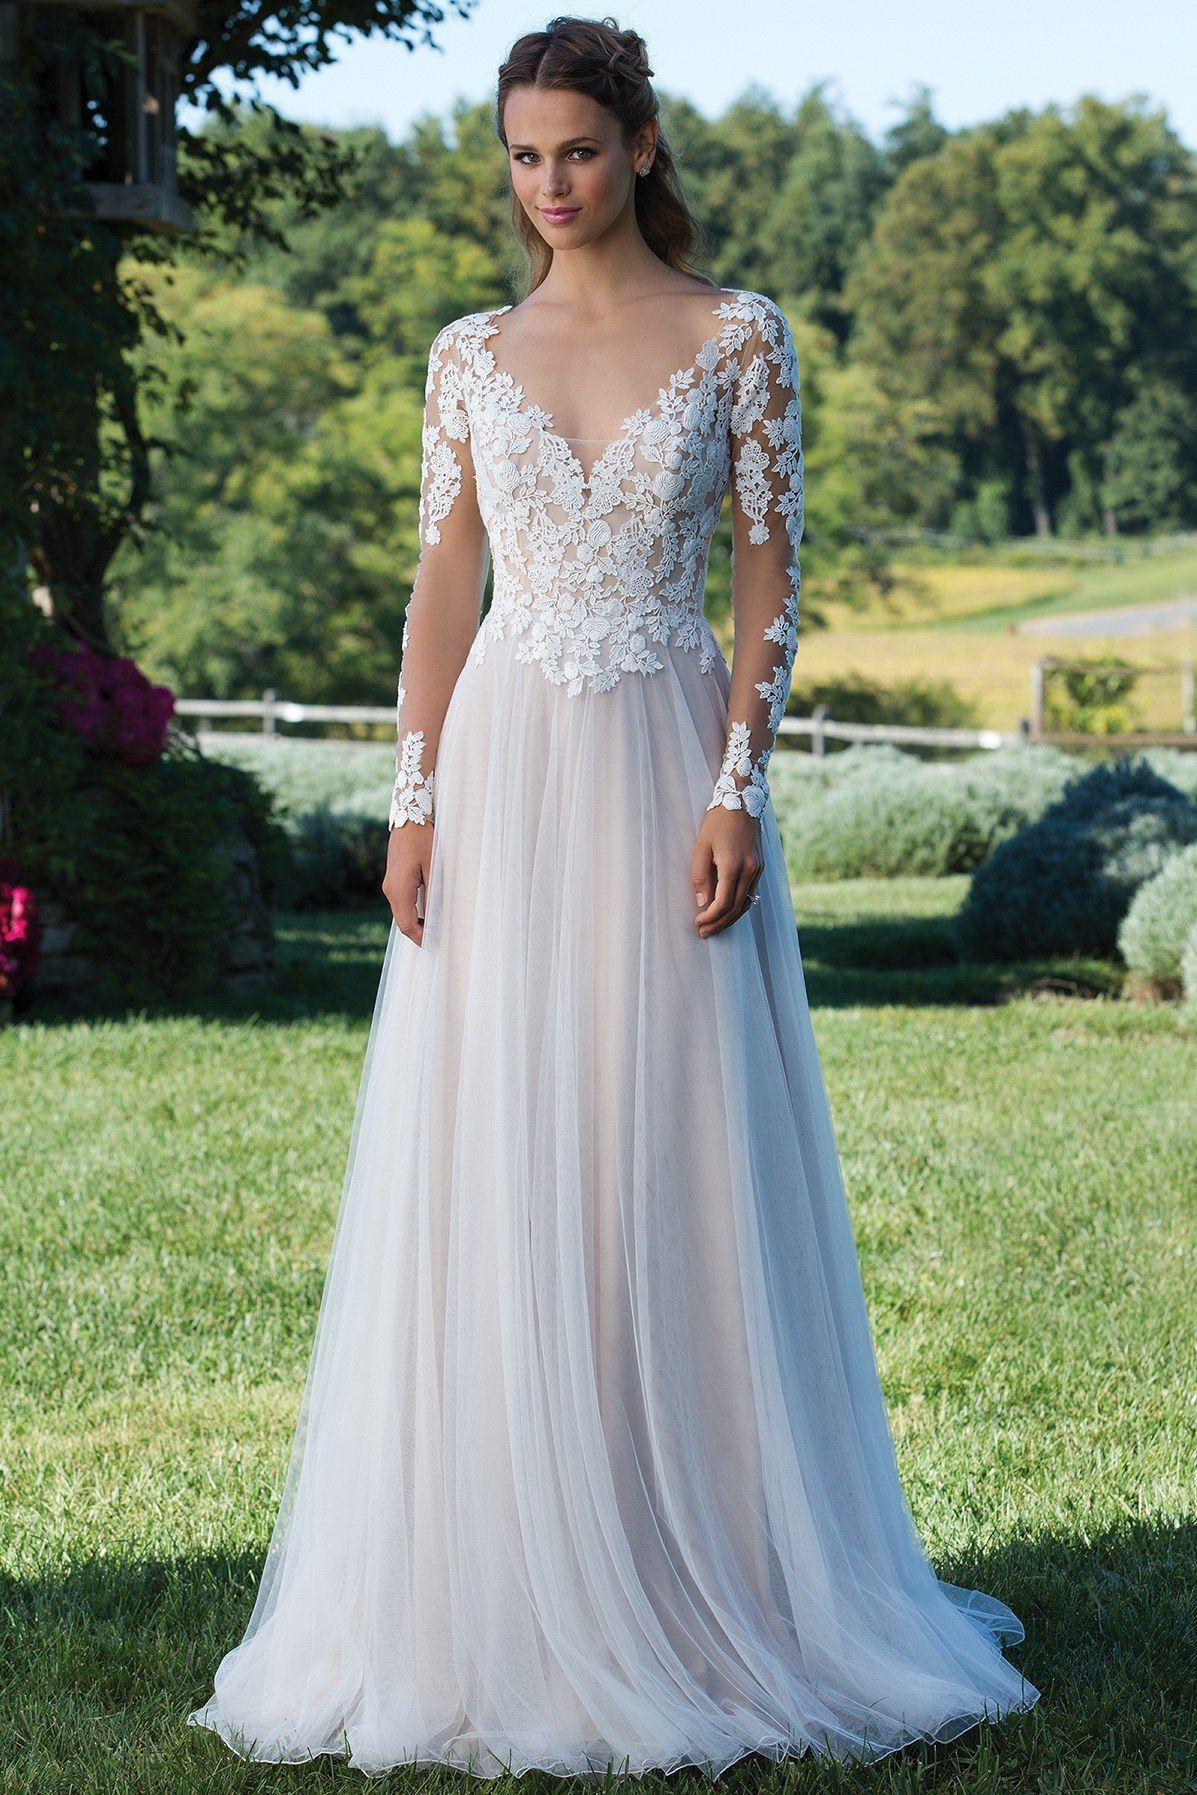 Move the Princess Bride Dresses